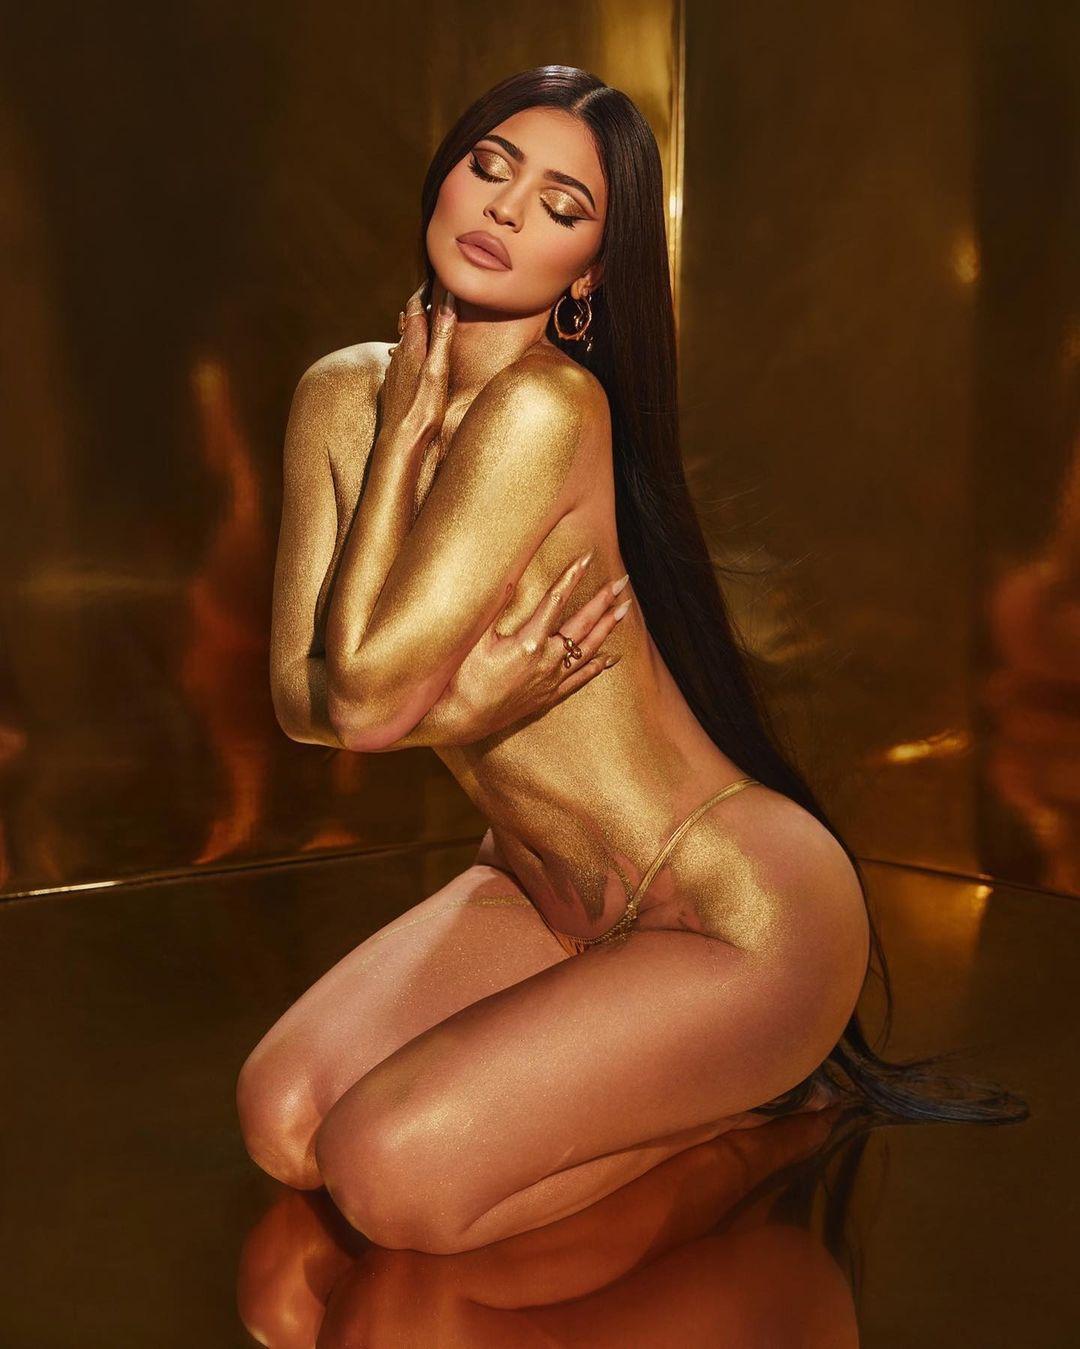 Дженнер похвалилася вигинами свого тіла / instagram.com/kyliejenner